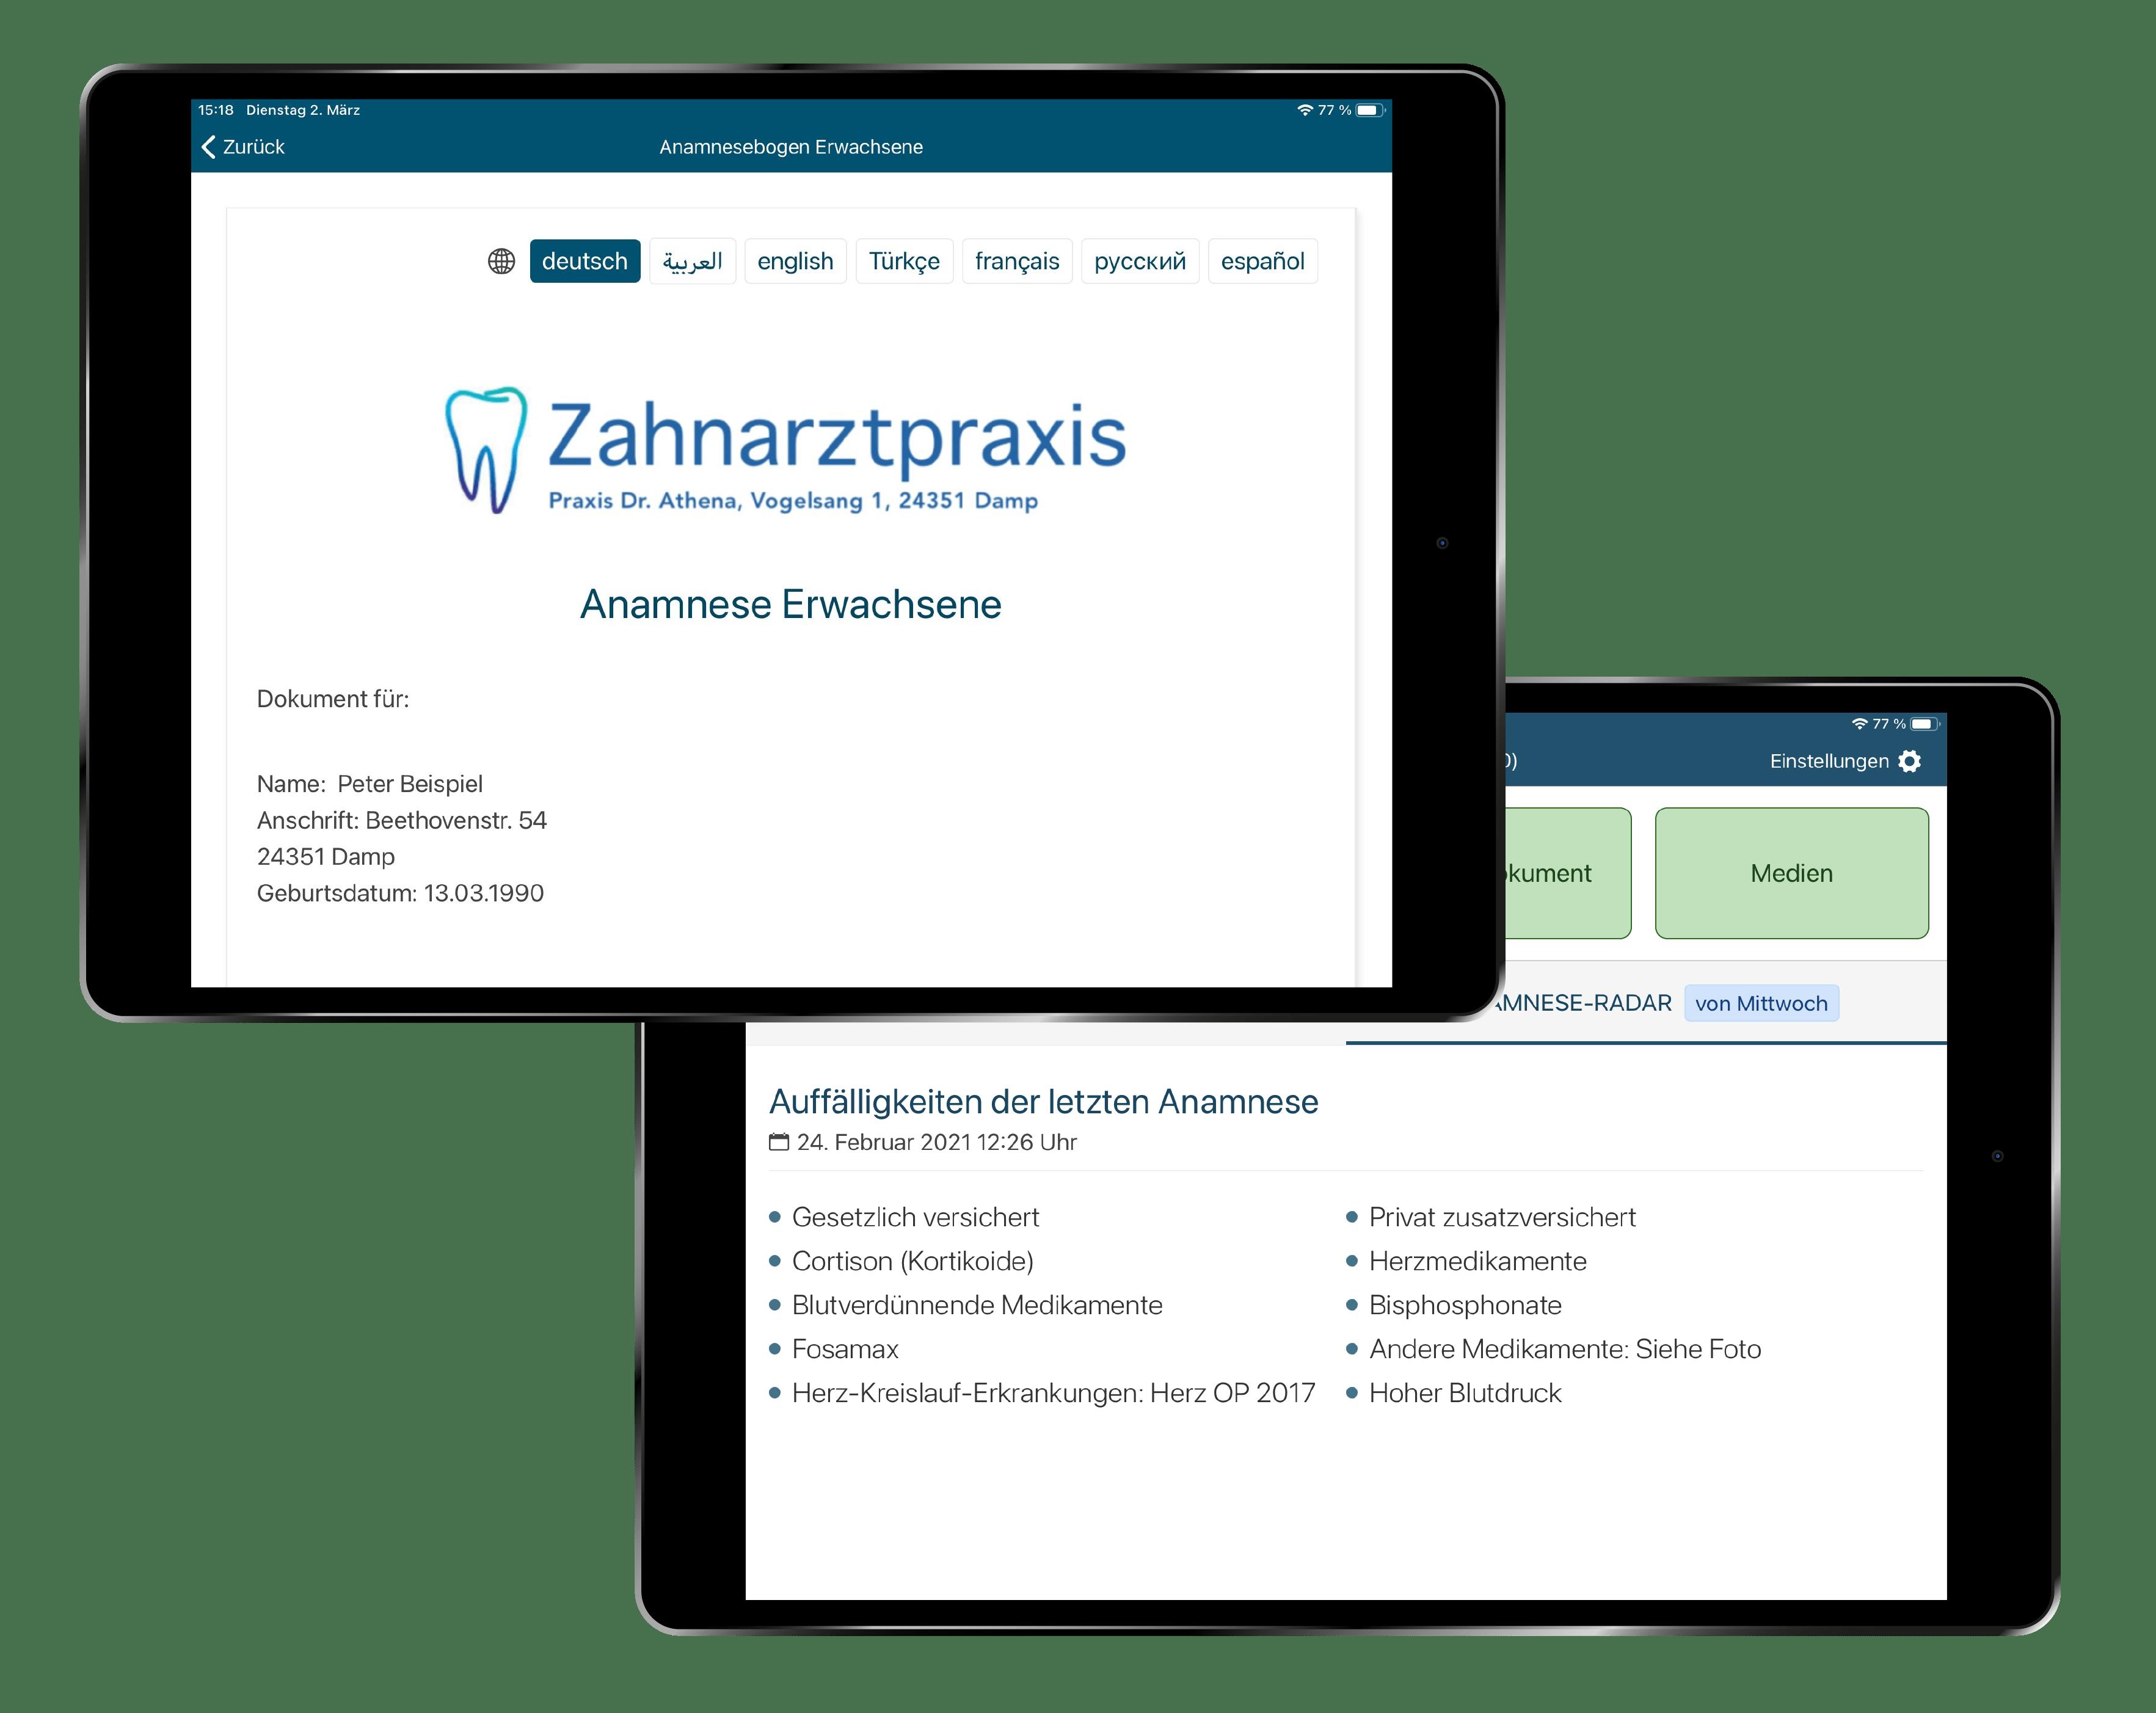 Digitale Anamnese mit der Athena-App. Patientenaufklärung beim Zahnarzt.